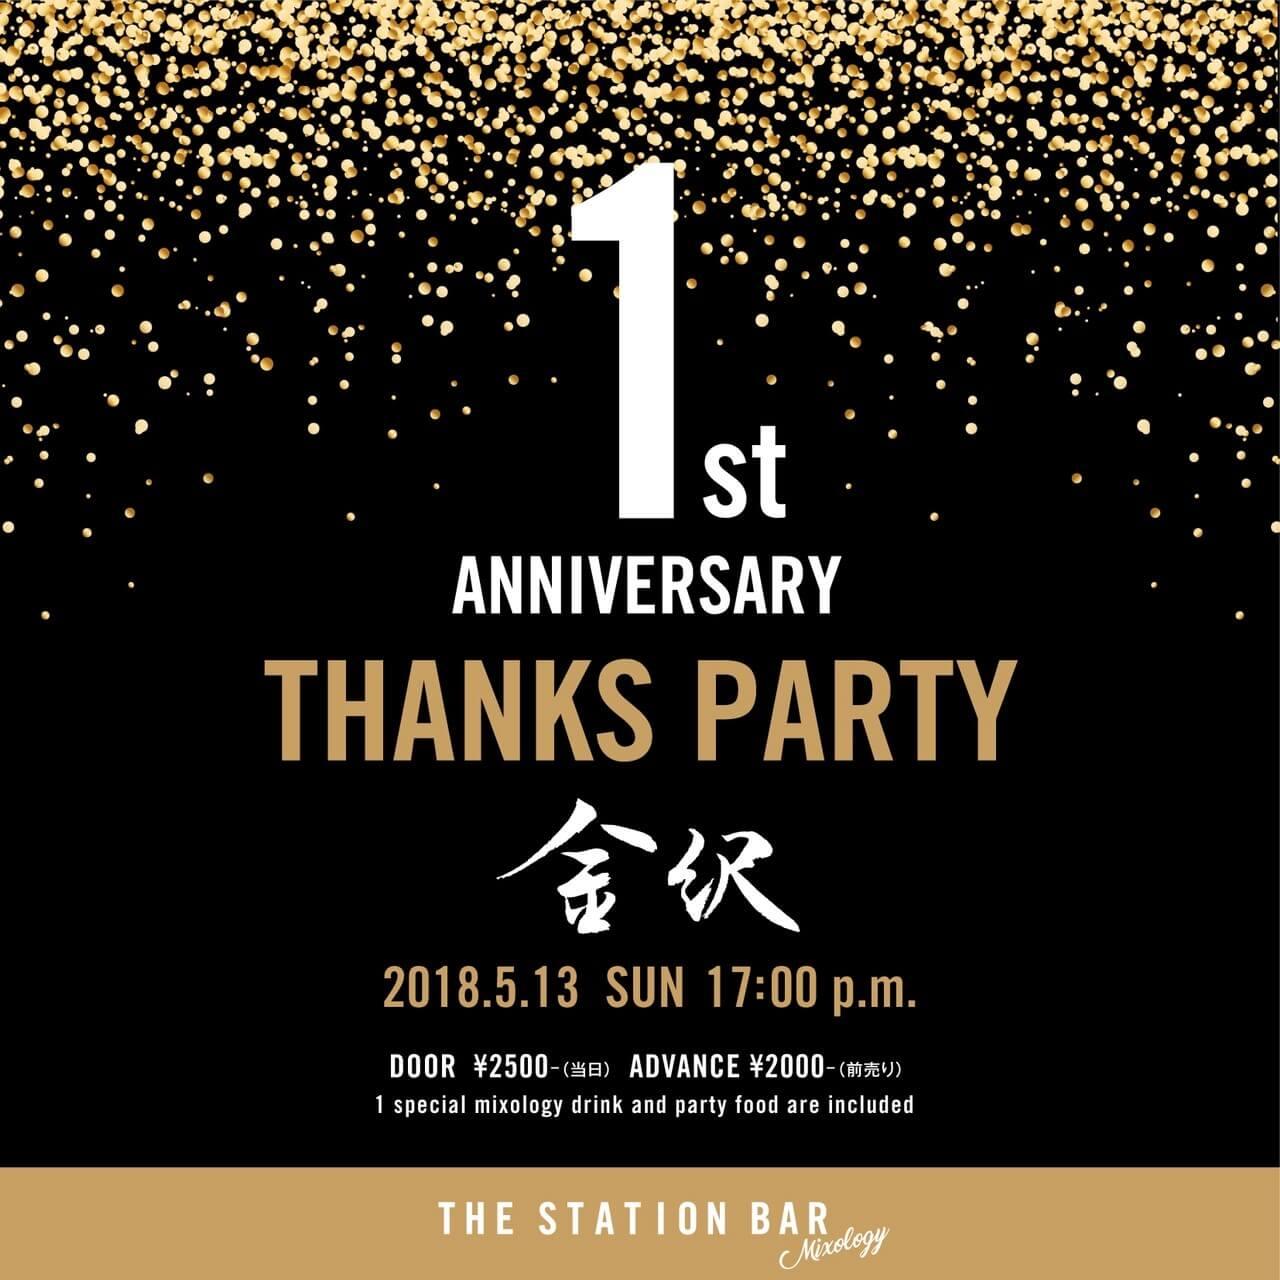 【1周年】5月13日(日) THE STATION BAR MIXOLOGYで 1周年記念のパーティー開催決定!! 超お得な内容とは?!